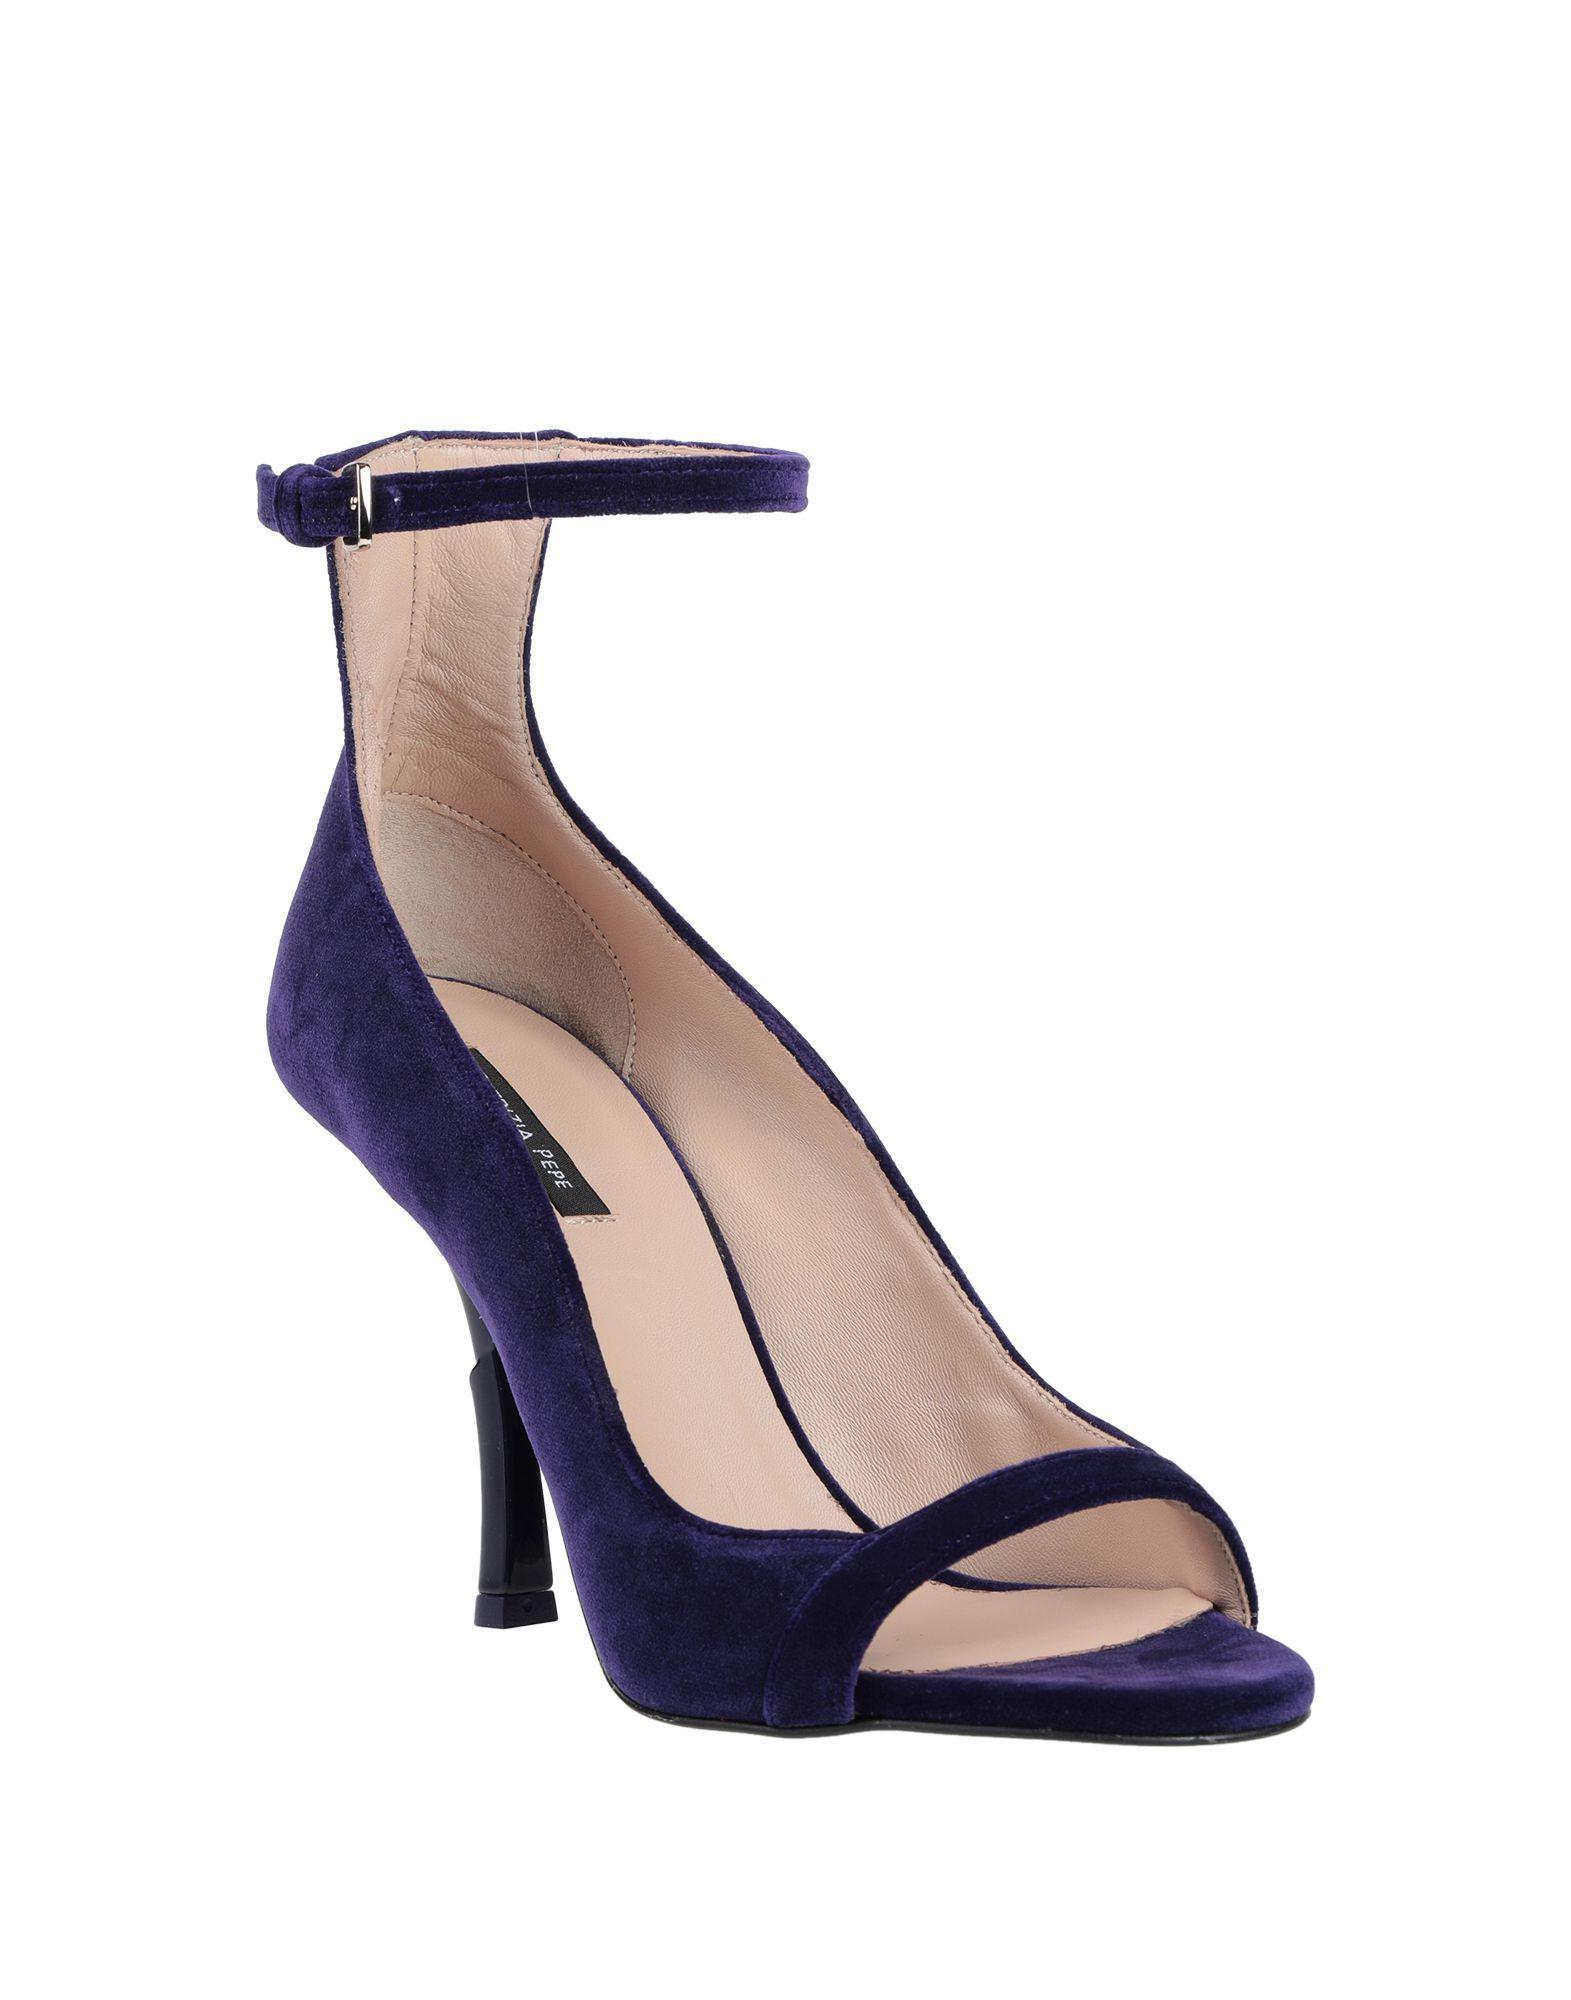 Zapatos de salón Patrizia Pepe de Tejido sintético de color Azul